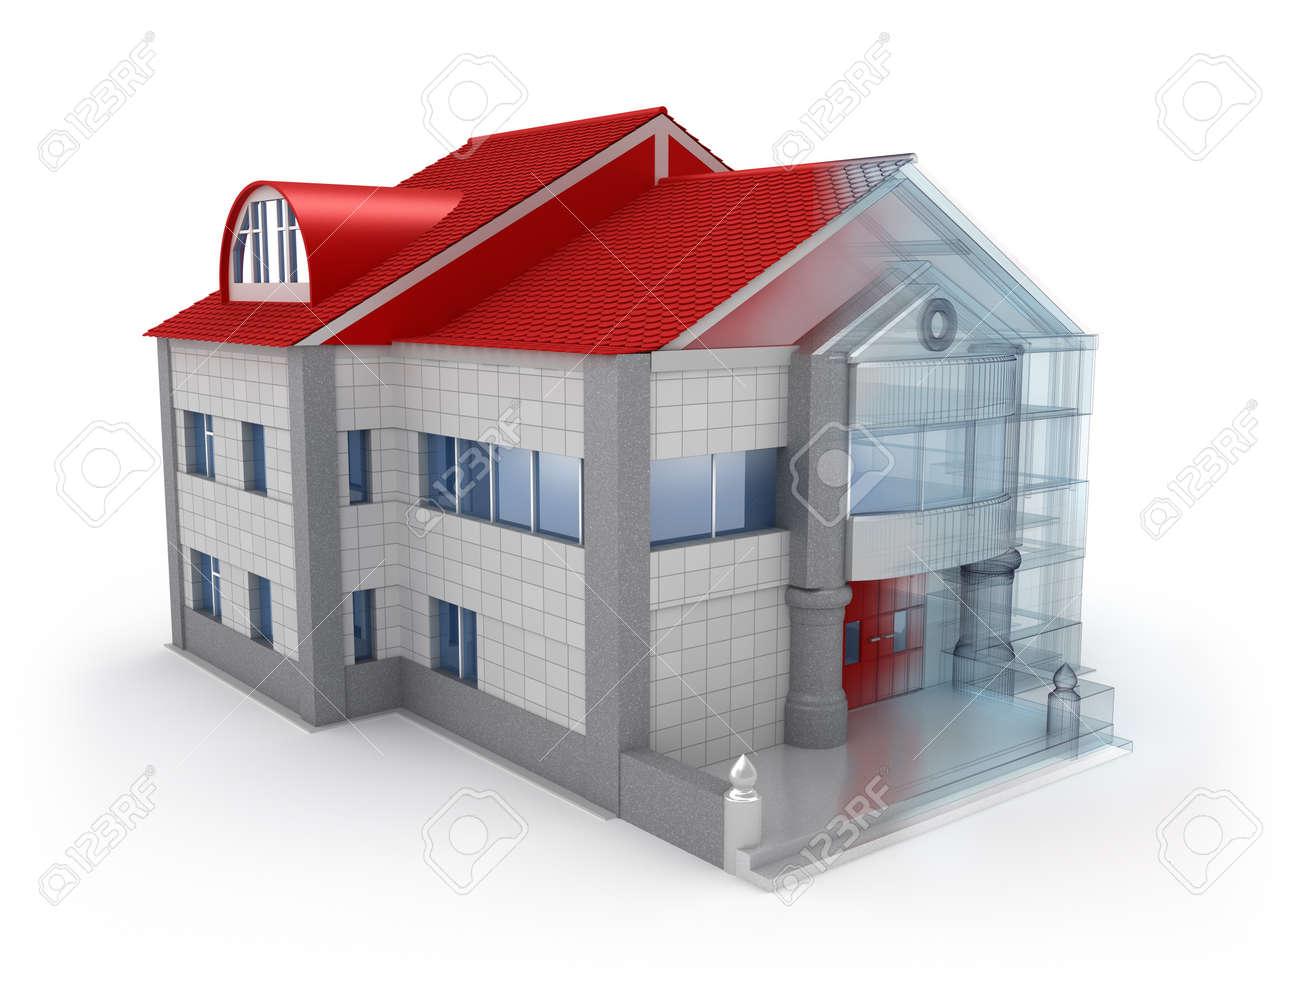 Exterieur-Design Haus über Weißem Hintergrund Lizenzfreie Fotos ...